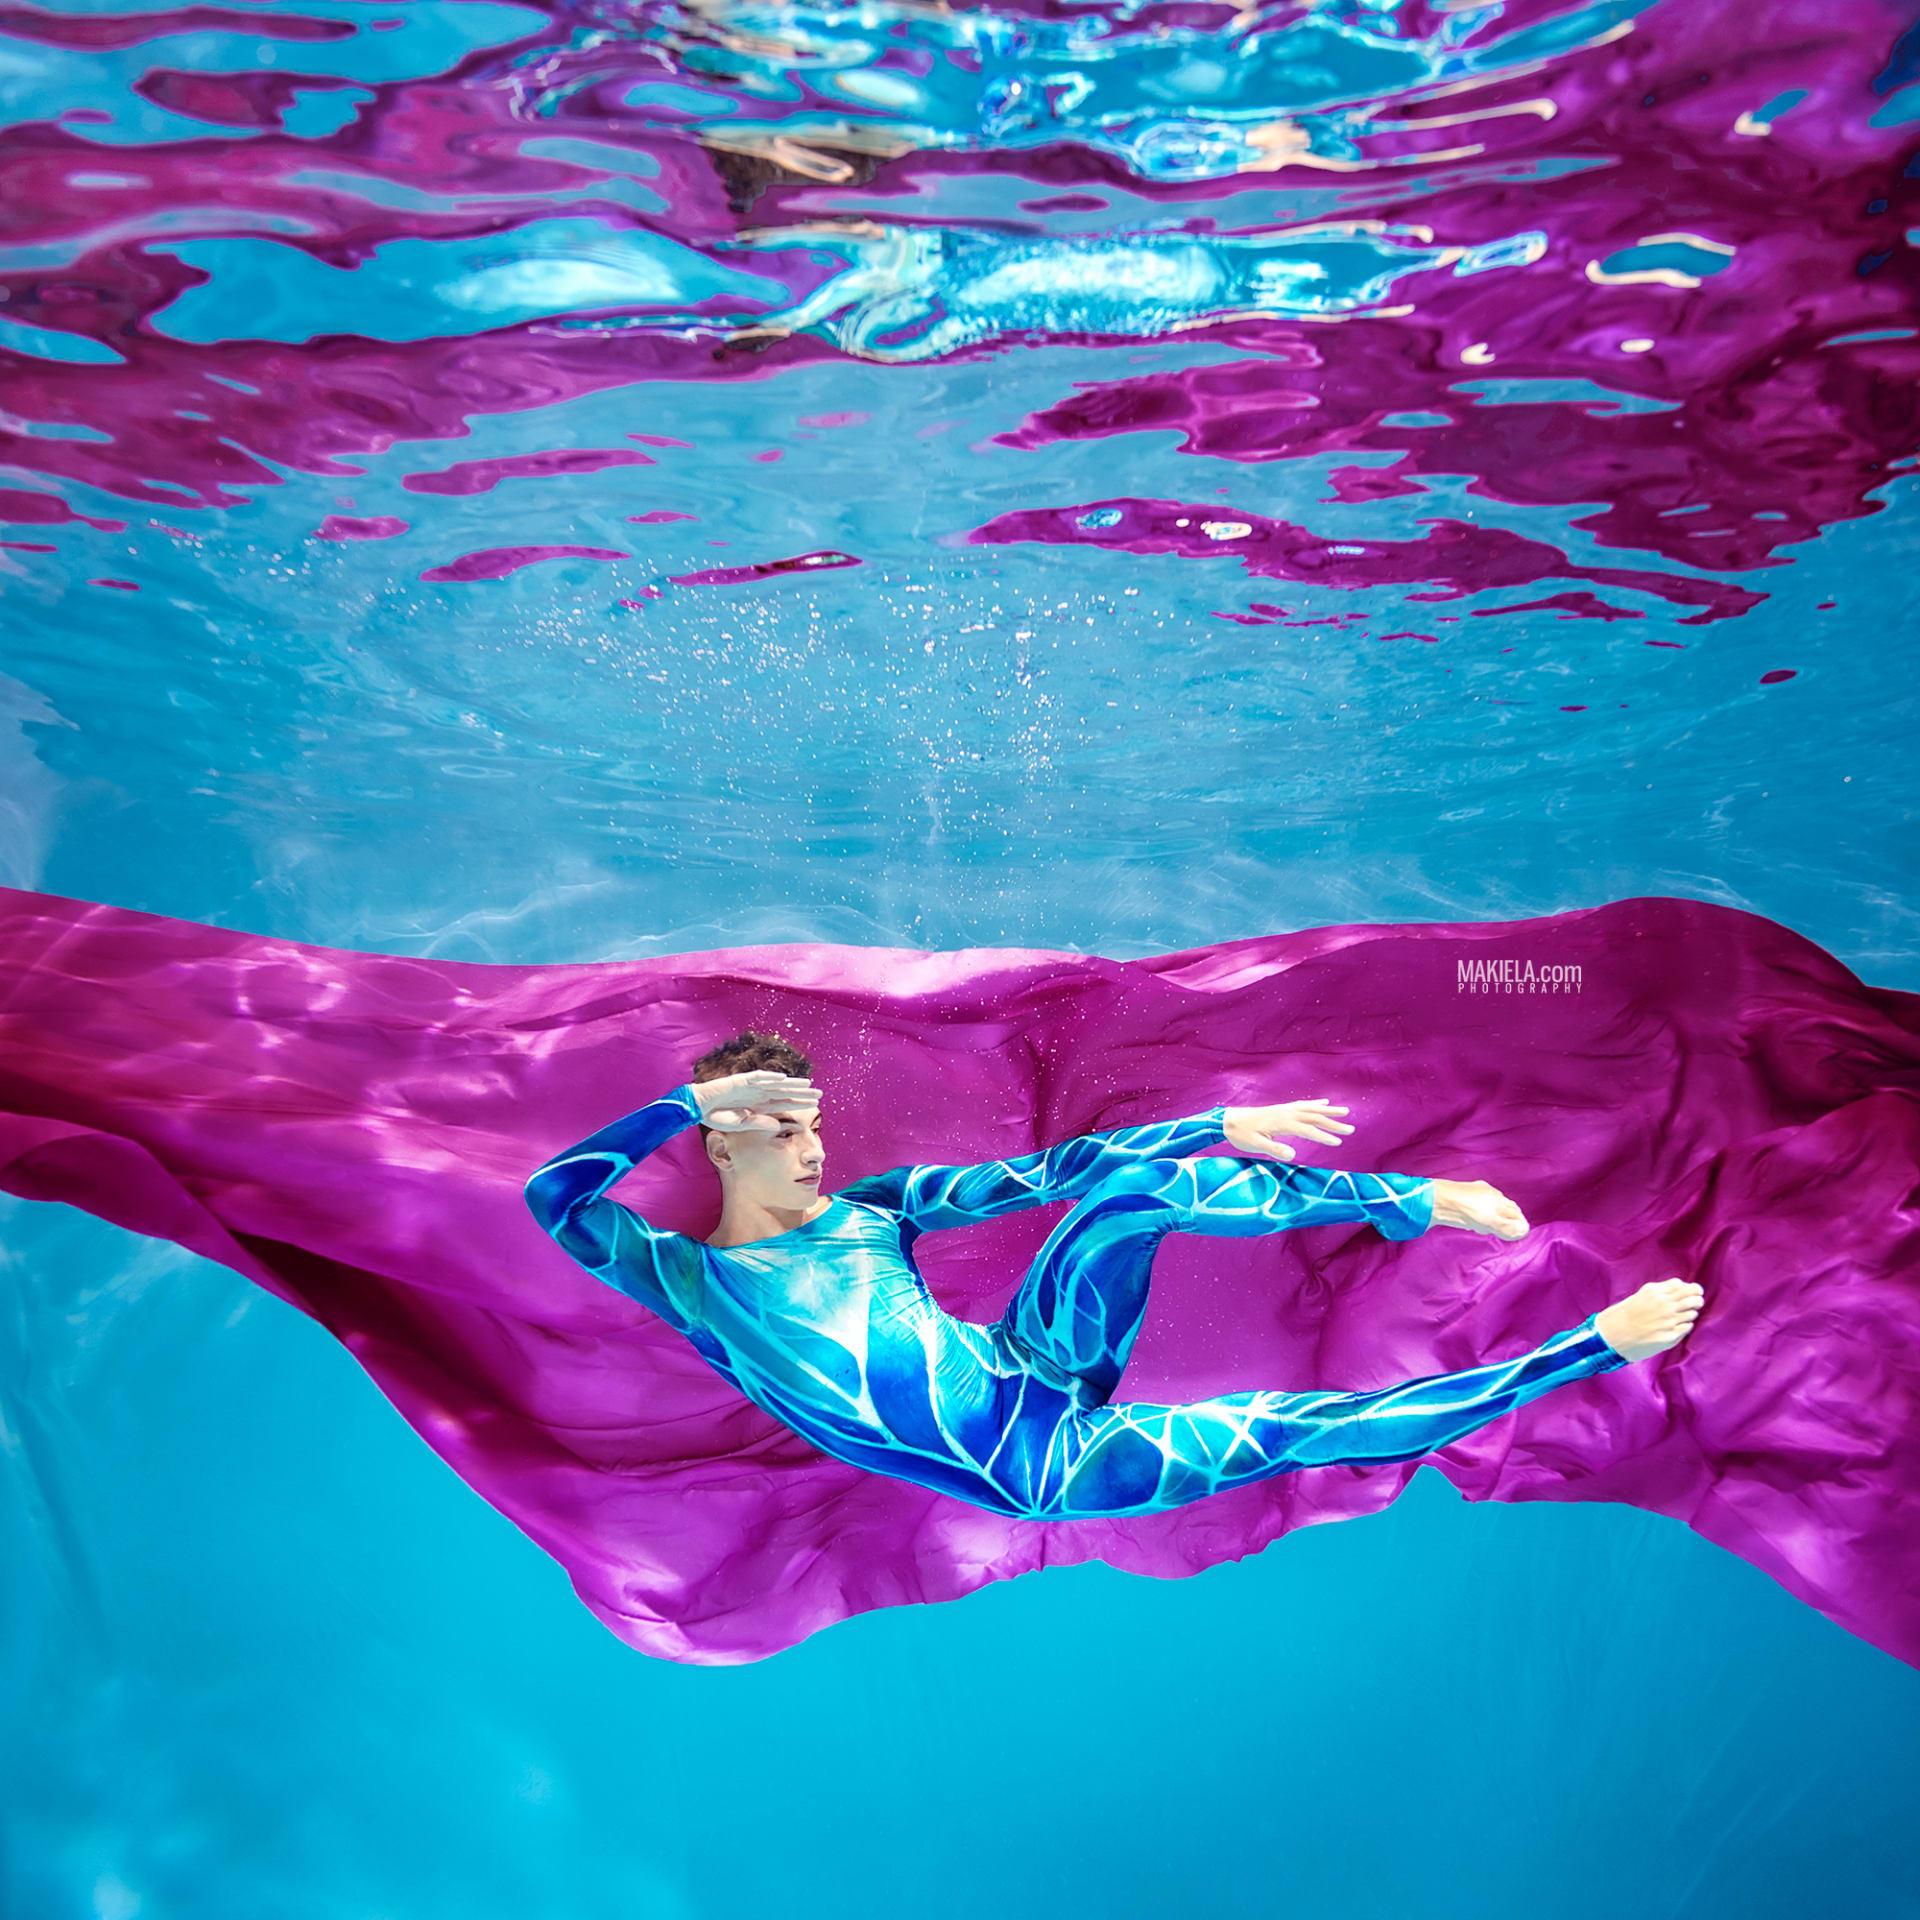 """""""تموجات الموضة""""..اكتشف سحر عارضات الأزياء تحت الماء في دبي"""